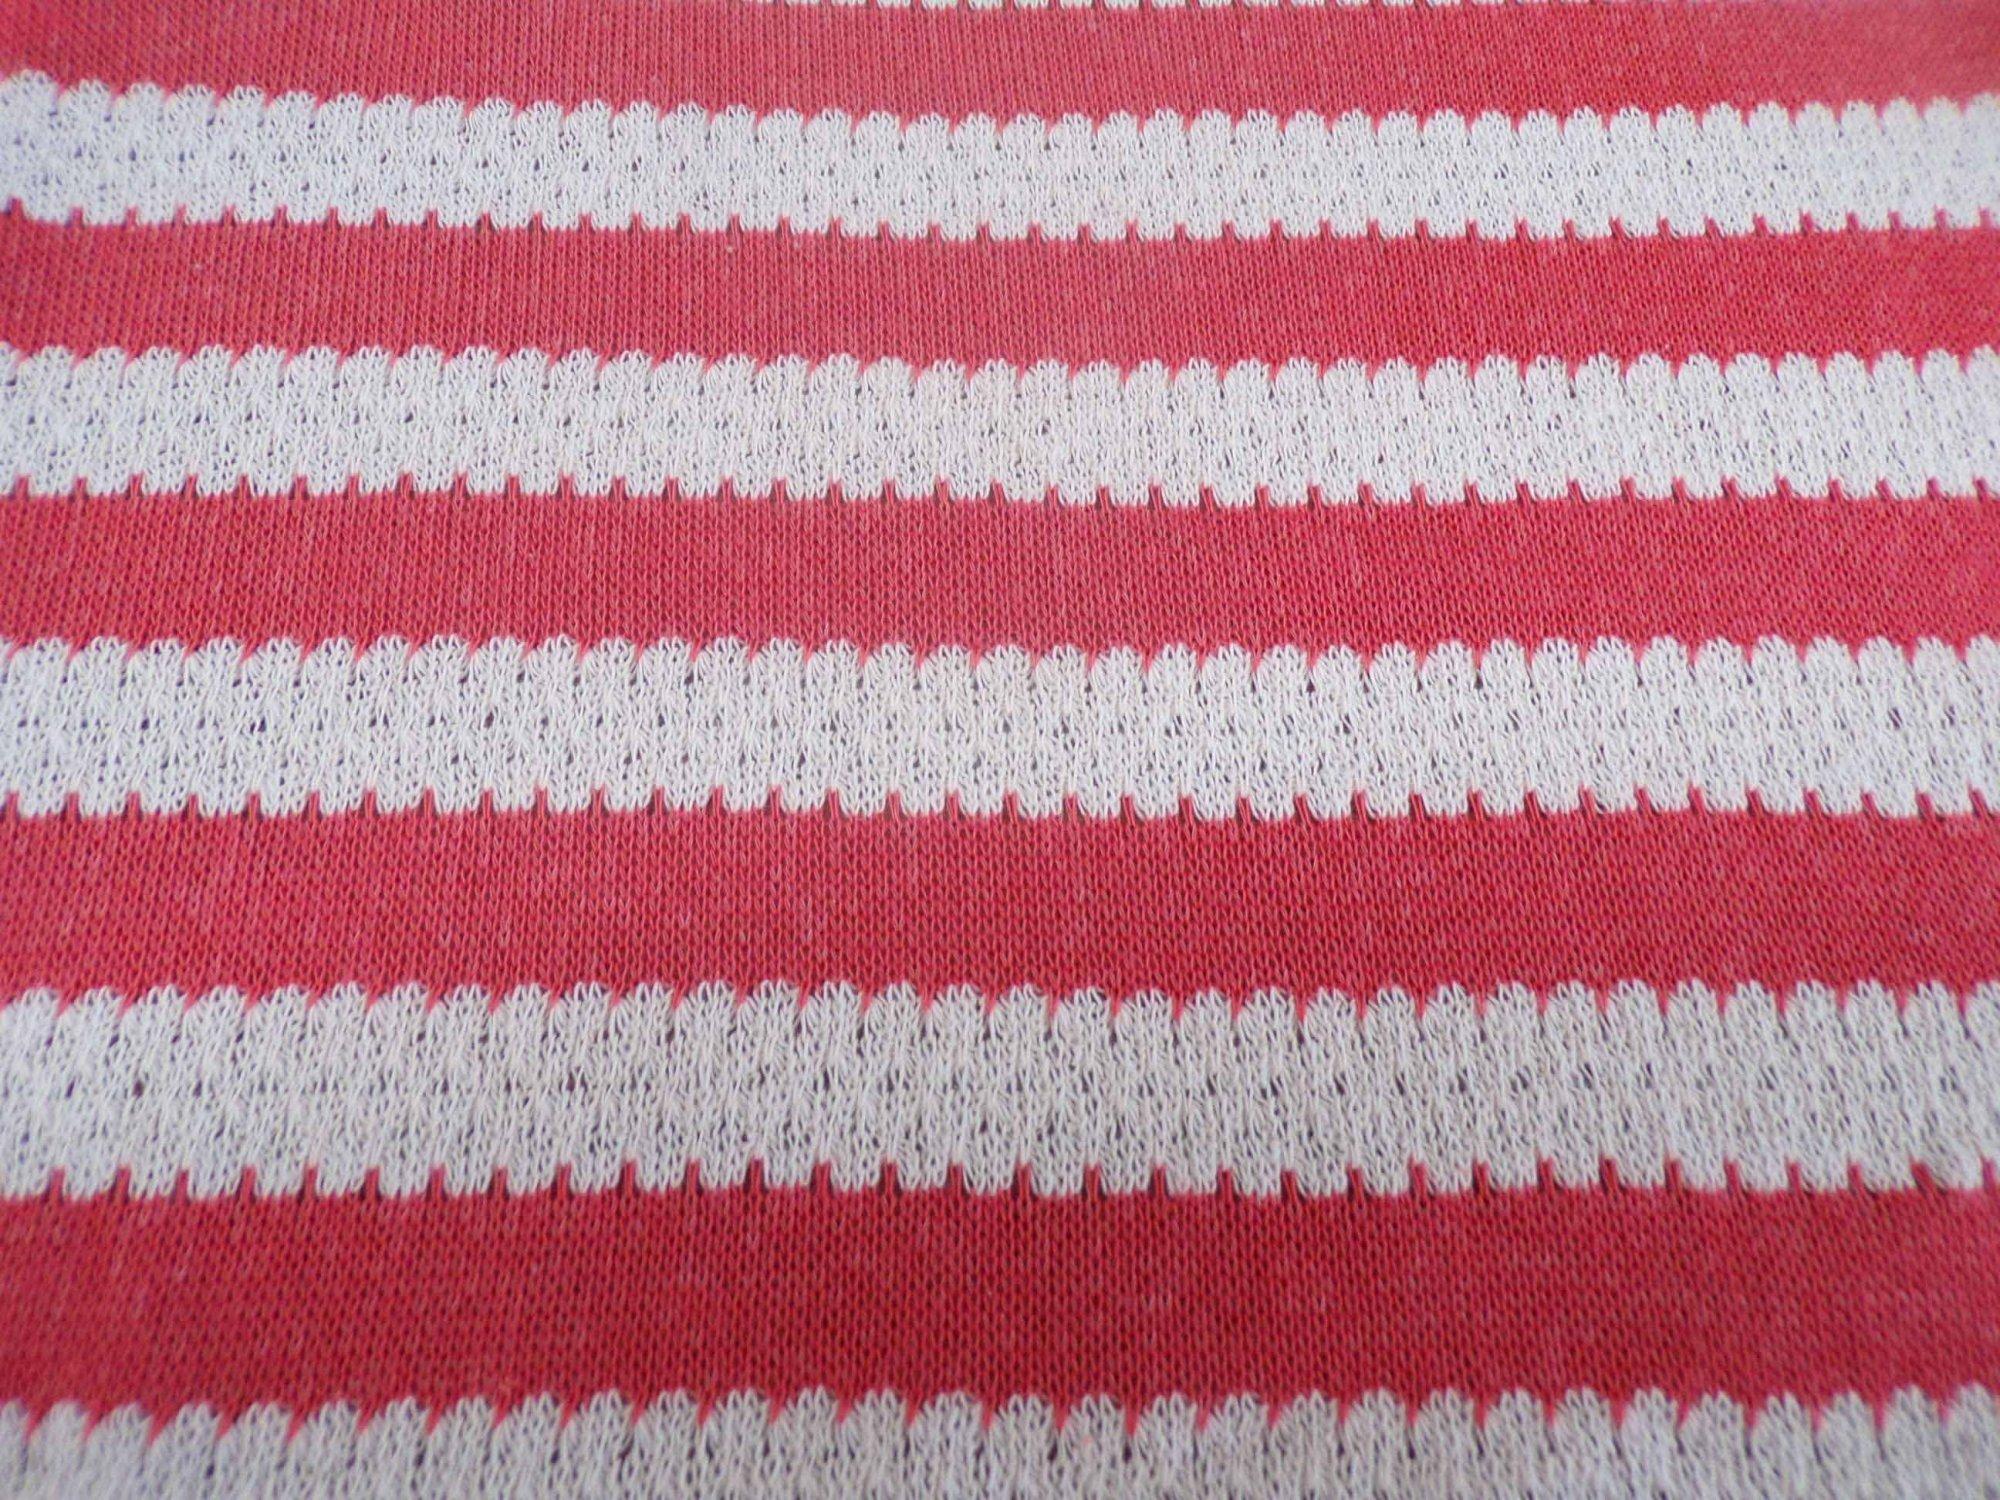 Ella Moss Coral & Cream Striped Sweater Knit